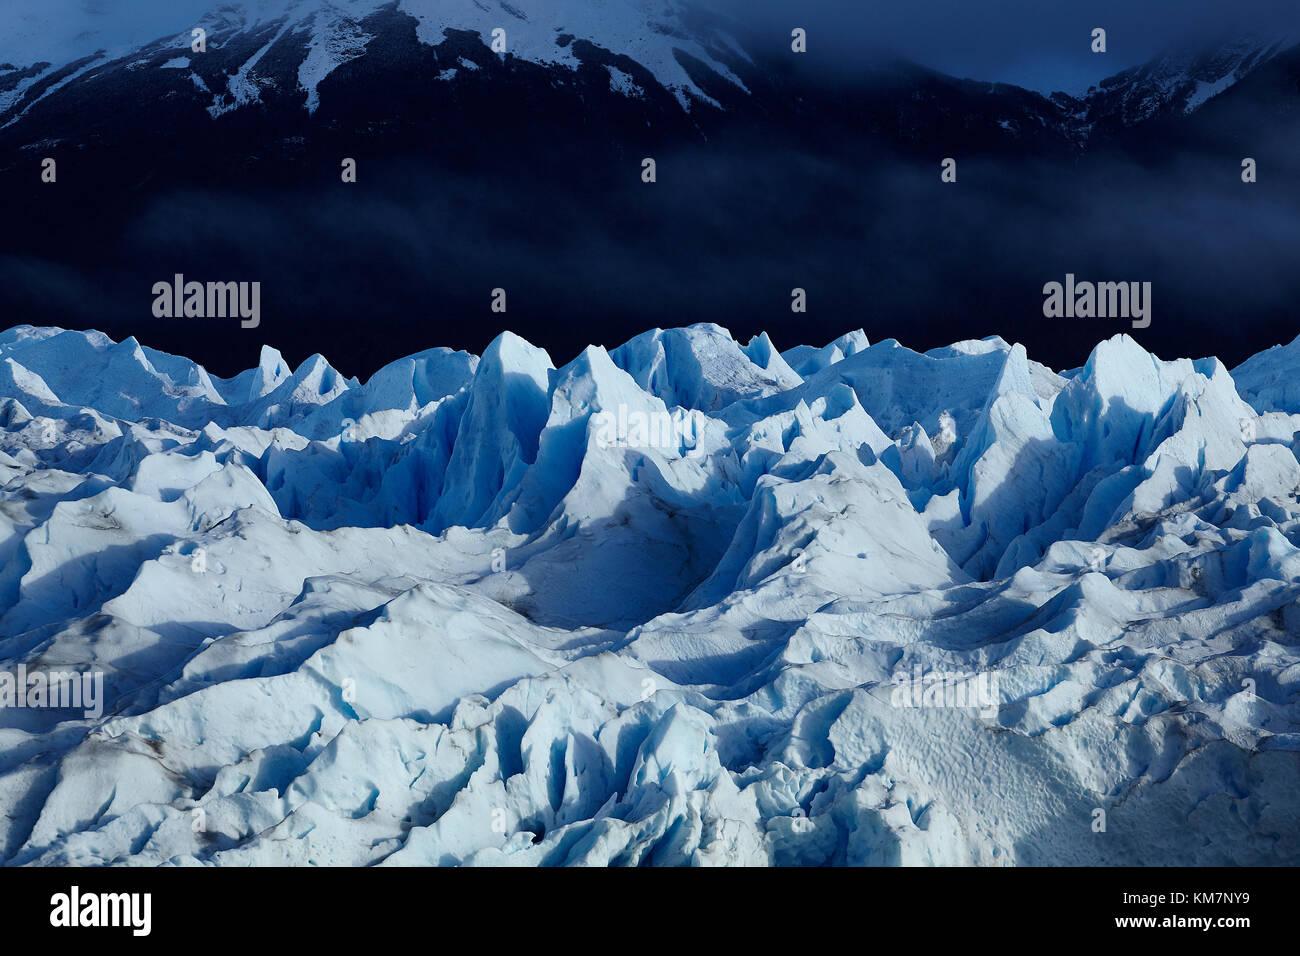 Der Gletscher Perito Moreno, Parque Nacional Los Glaciares (World Heritage Area), Patagonien, Argentinien, Südamerika Stockbild